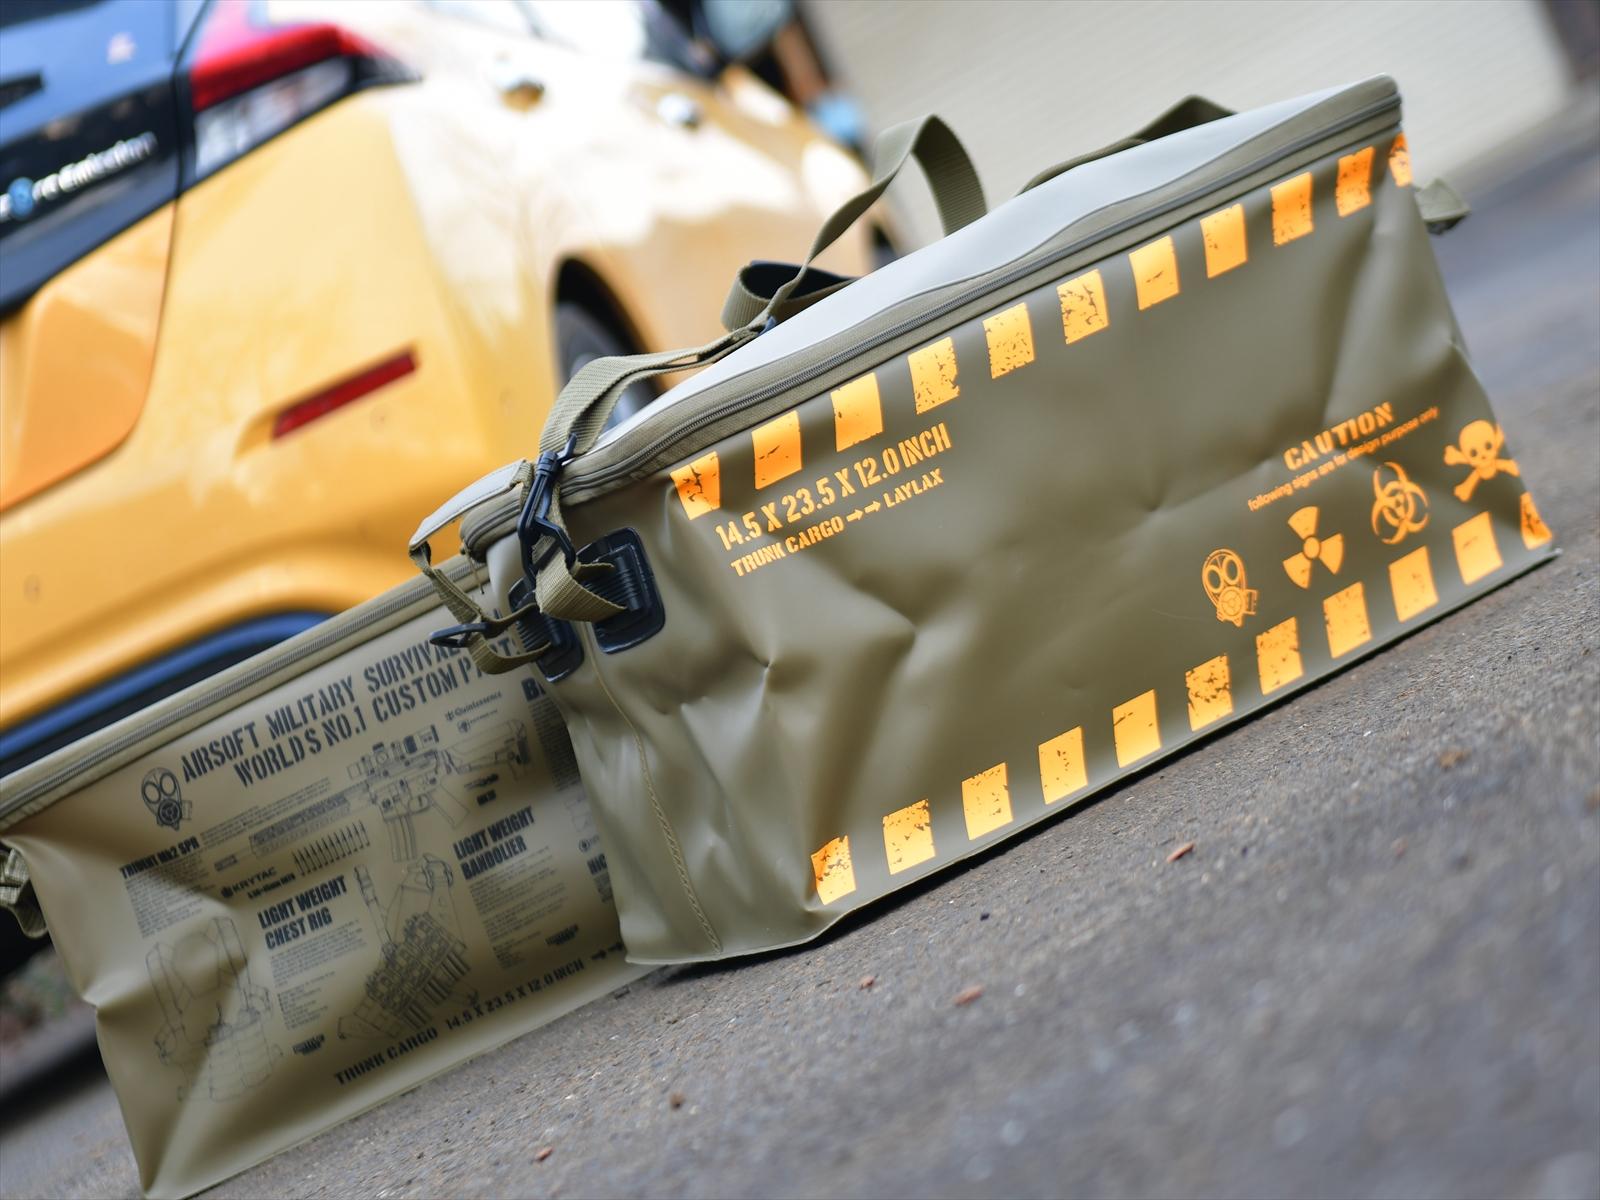 ガンラックだけじゃない!サバゲー用品を賢く収納「トランクカーゴ」レビュー